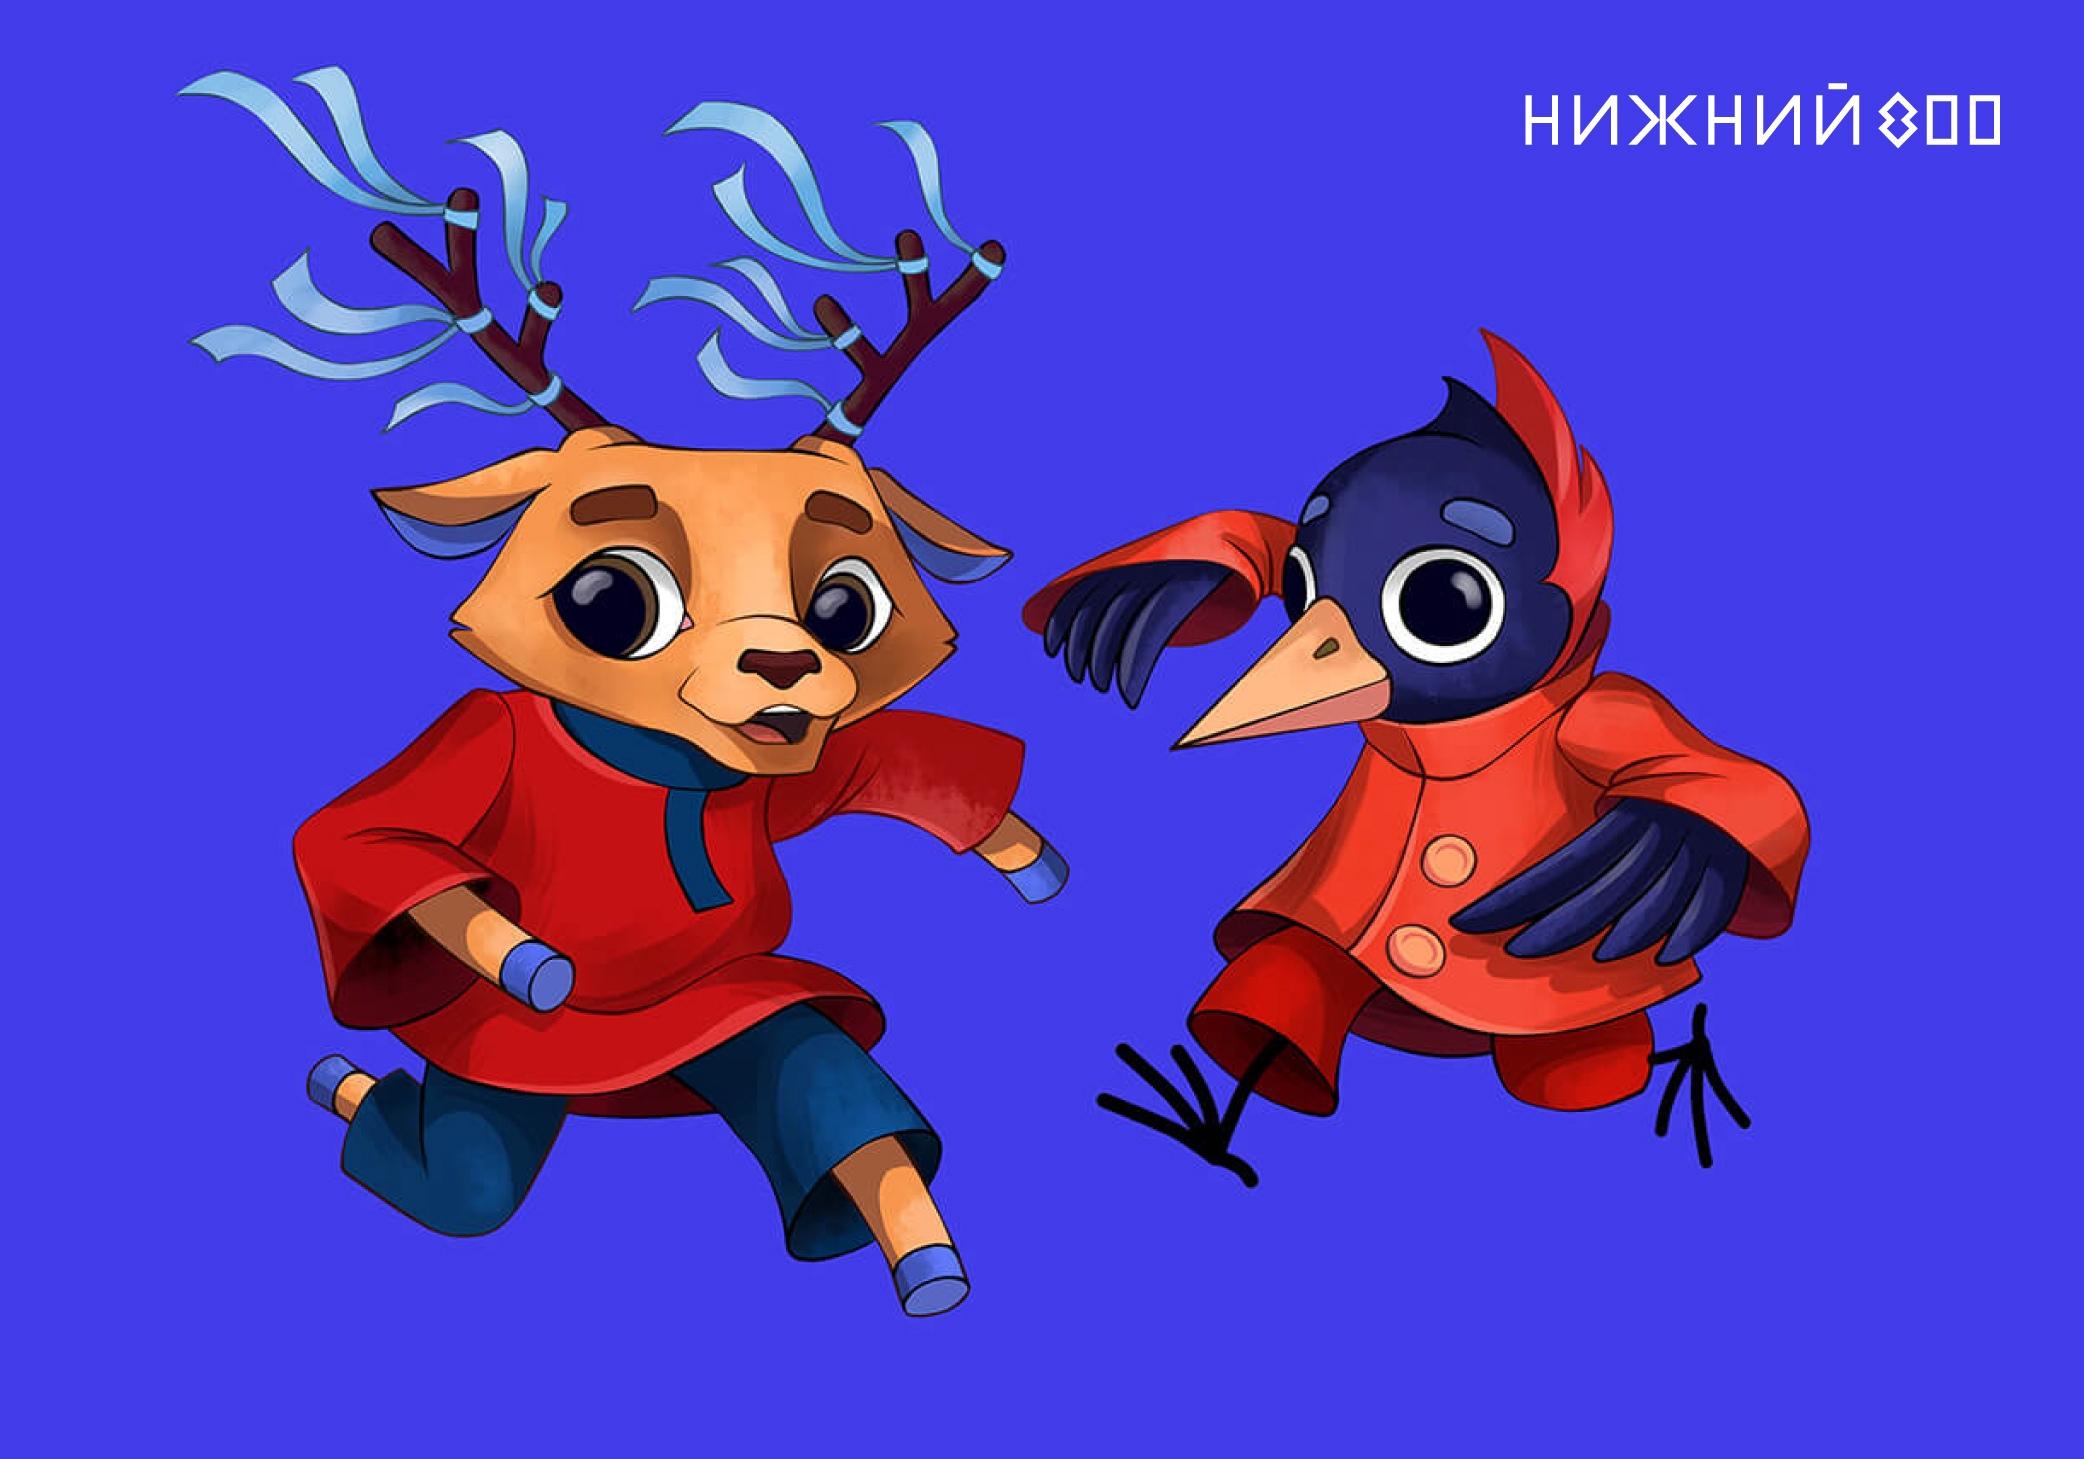 Дятел Гор и олененок Нино стали символами 800-летия Нижнего Новгорода